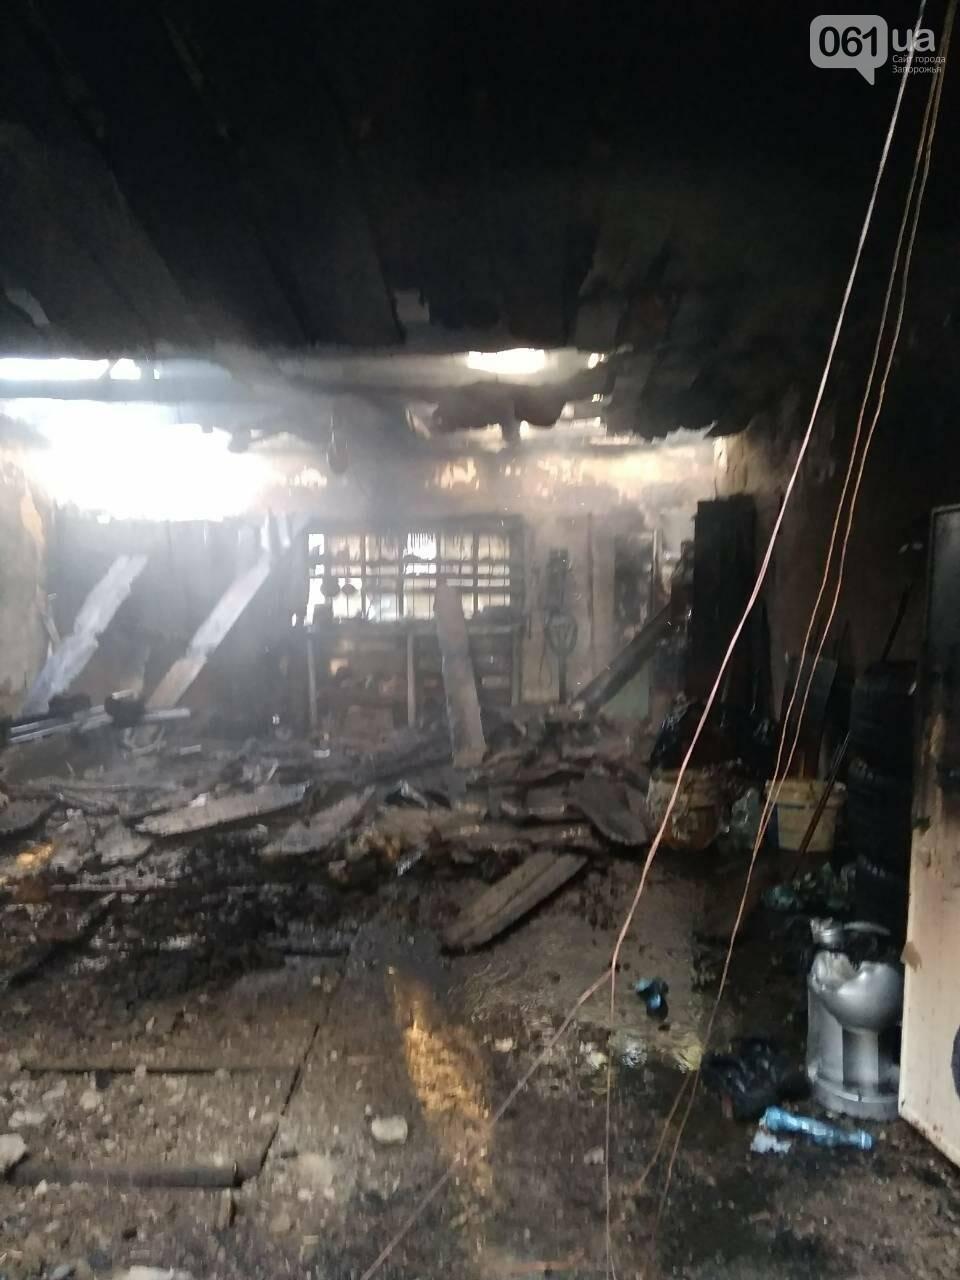 В Запорожской области за день дважды горели гаражи, - ФОТО, фото-4